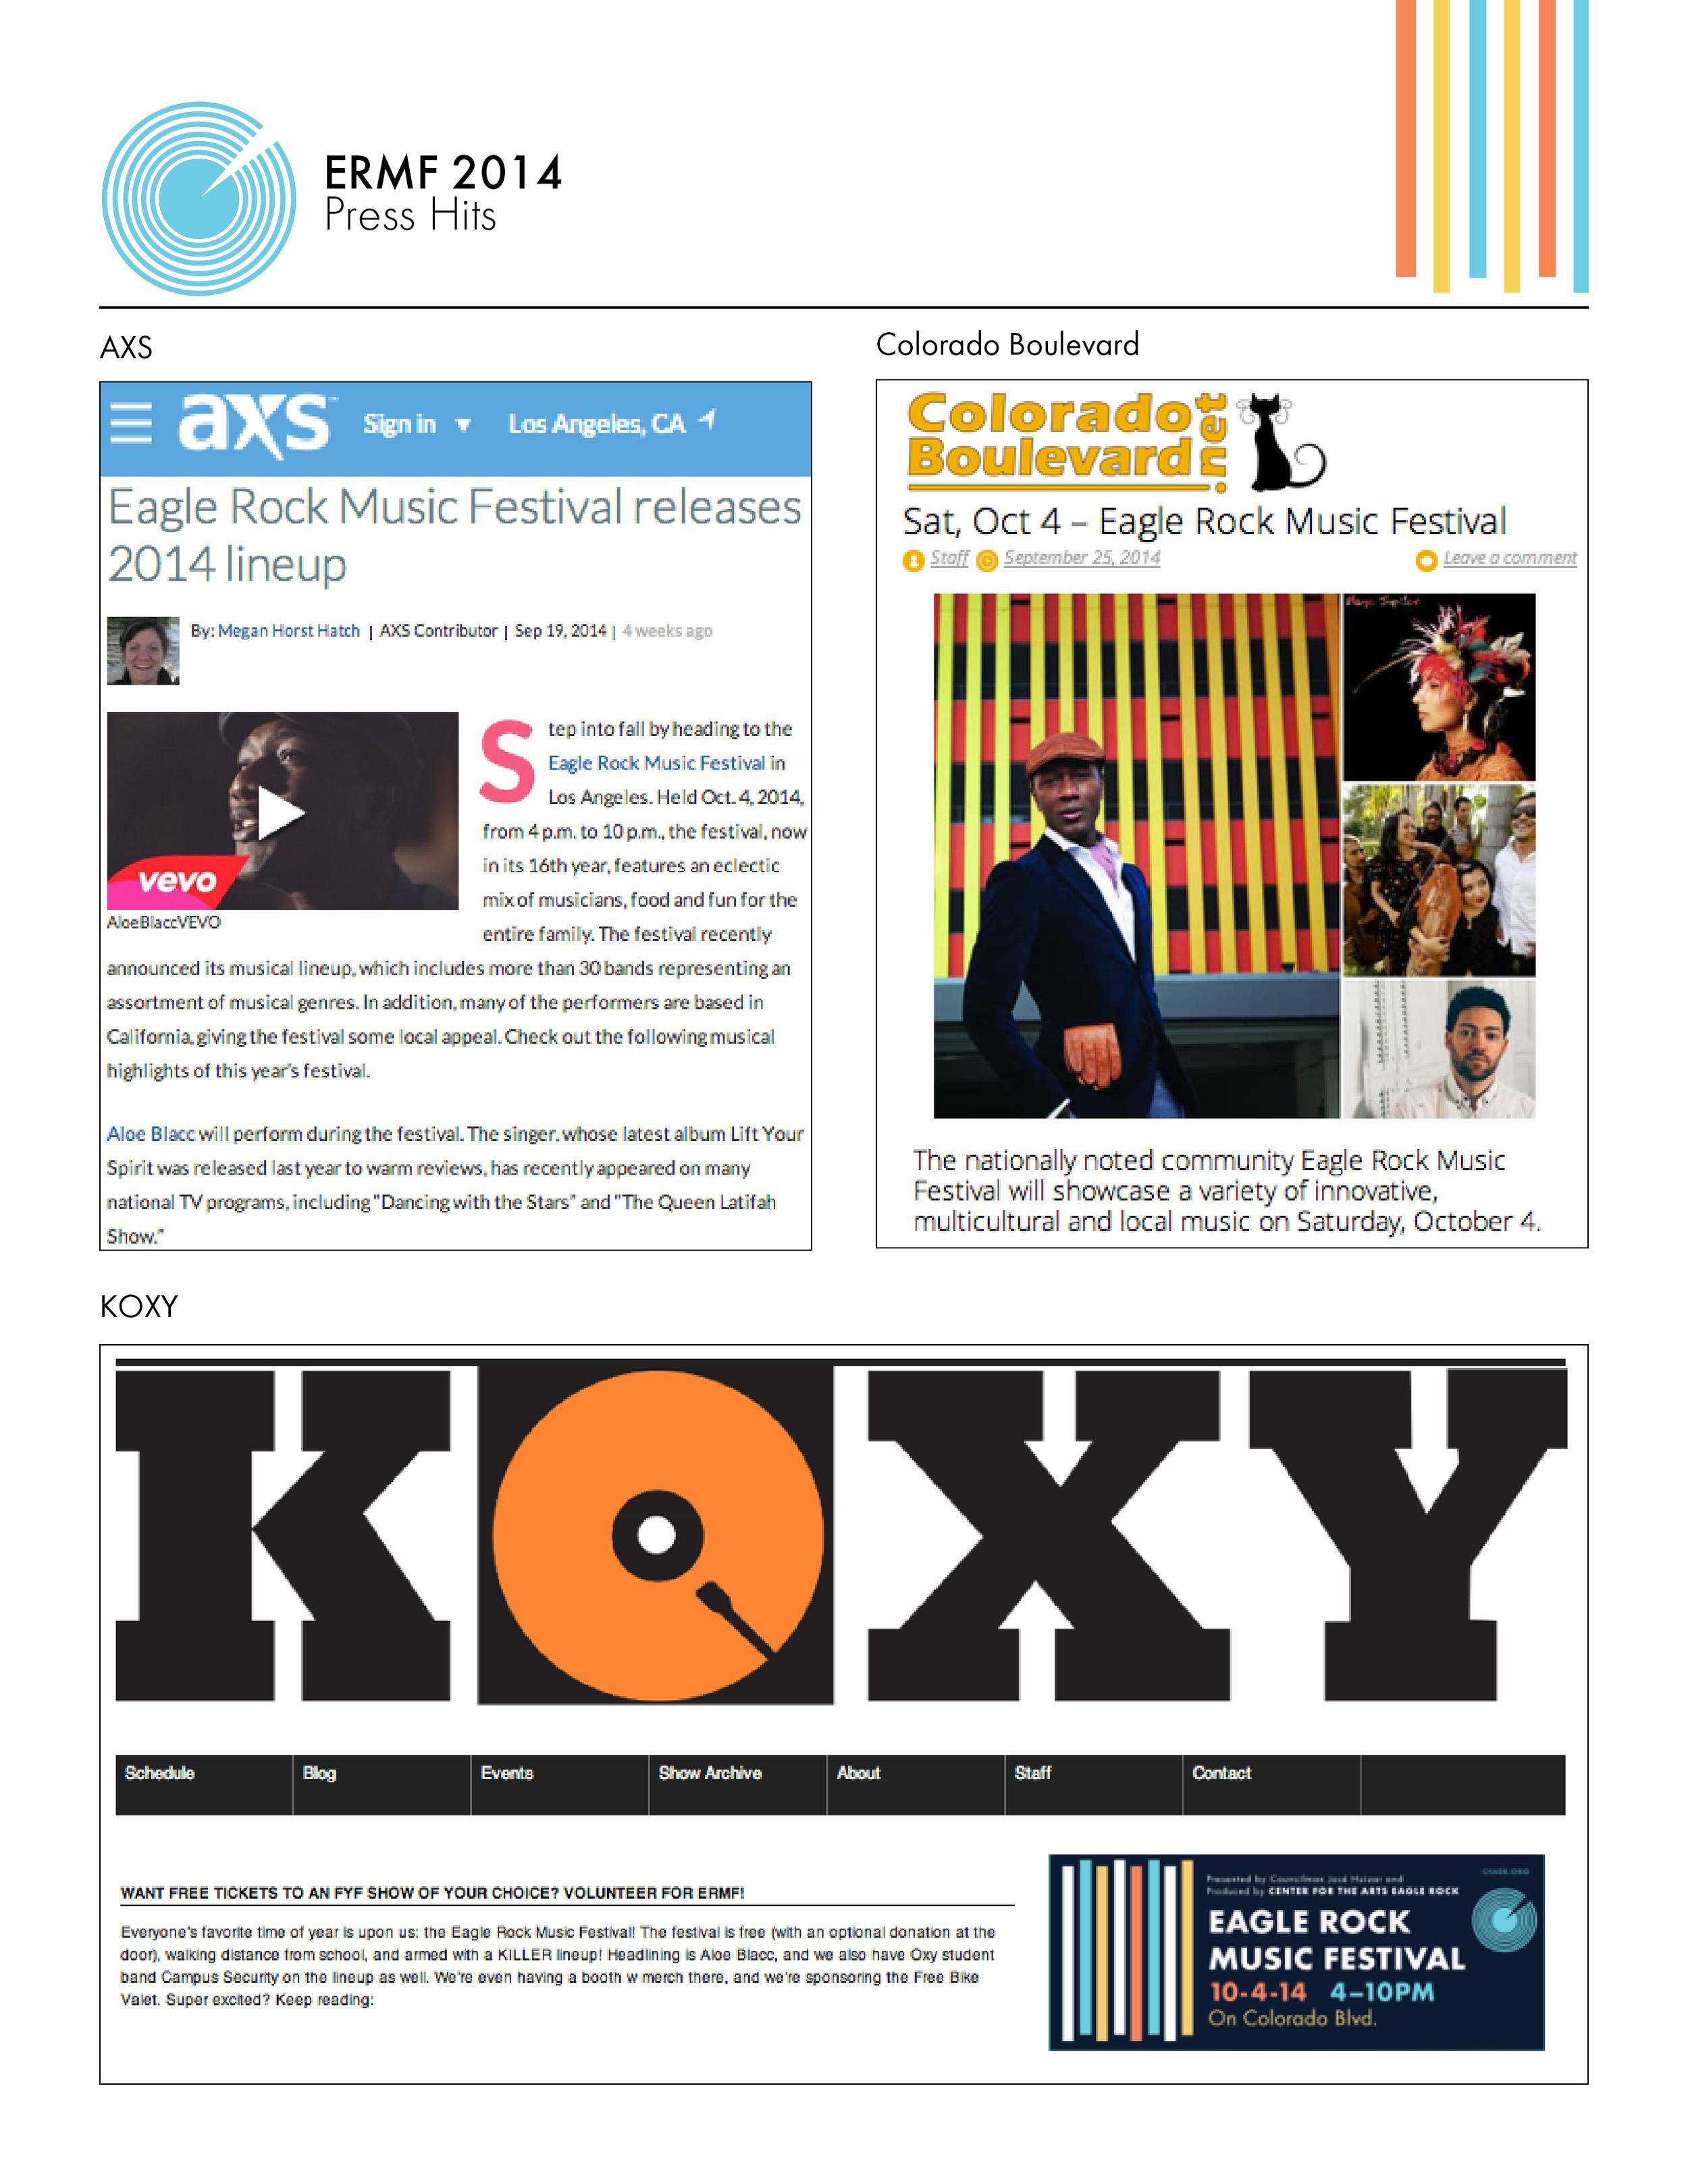 ERMF_ROI_2014_Website9.jpg